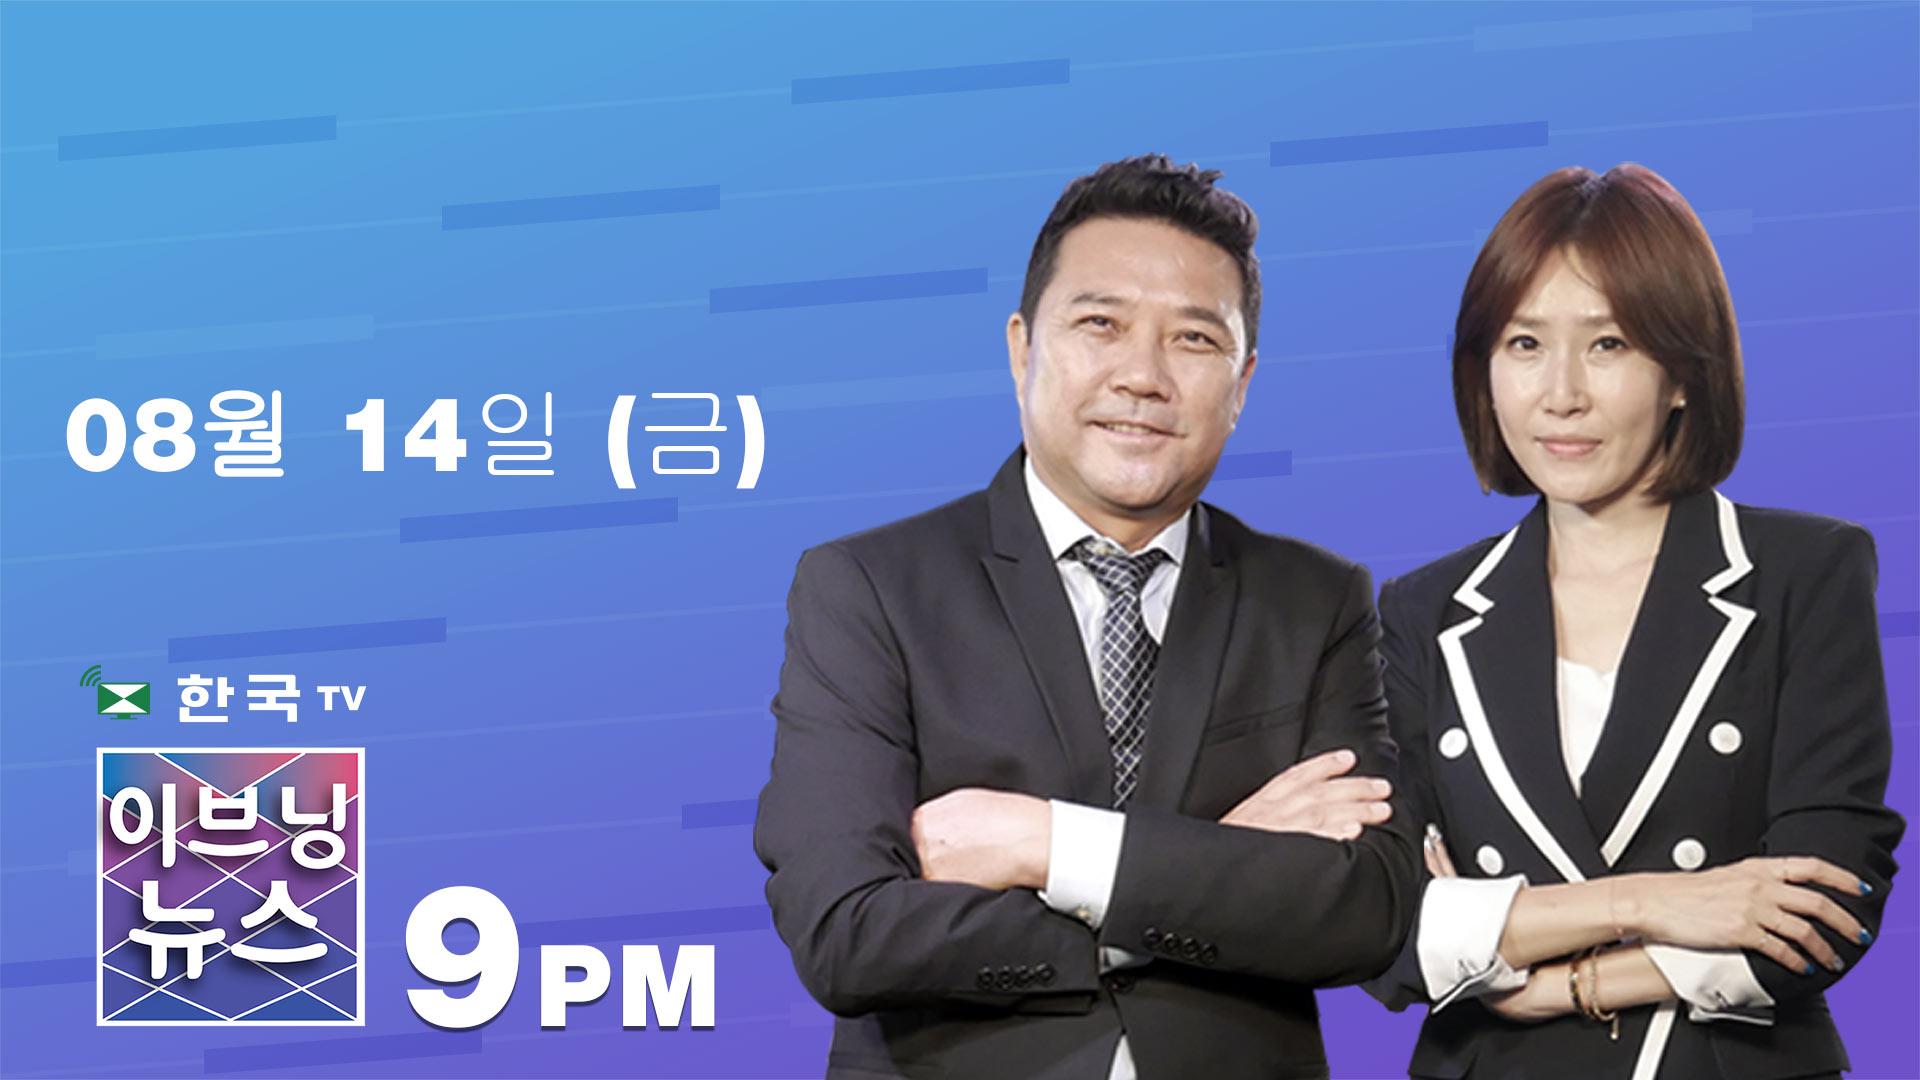 (08.14.2020) 한국TV 이브닝 뉴스